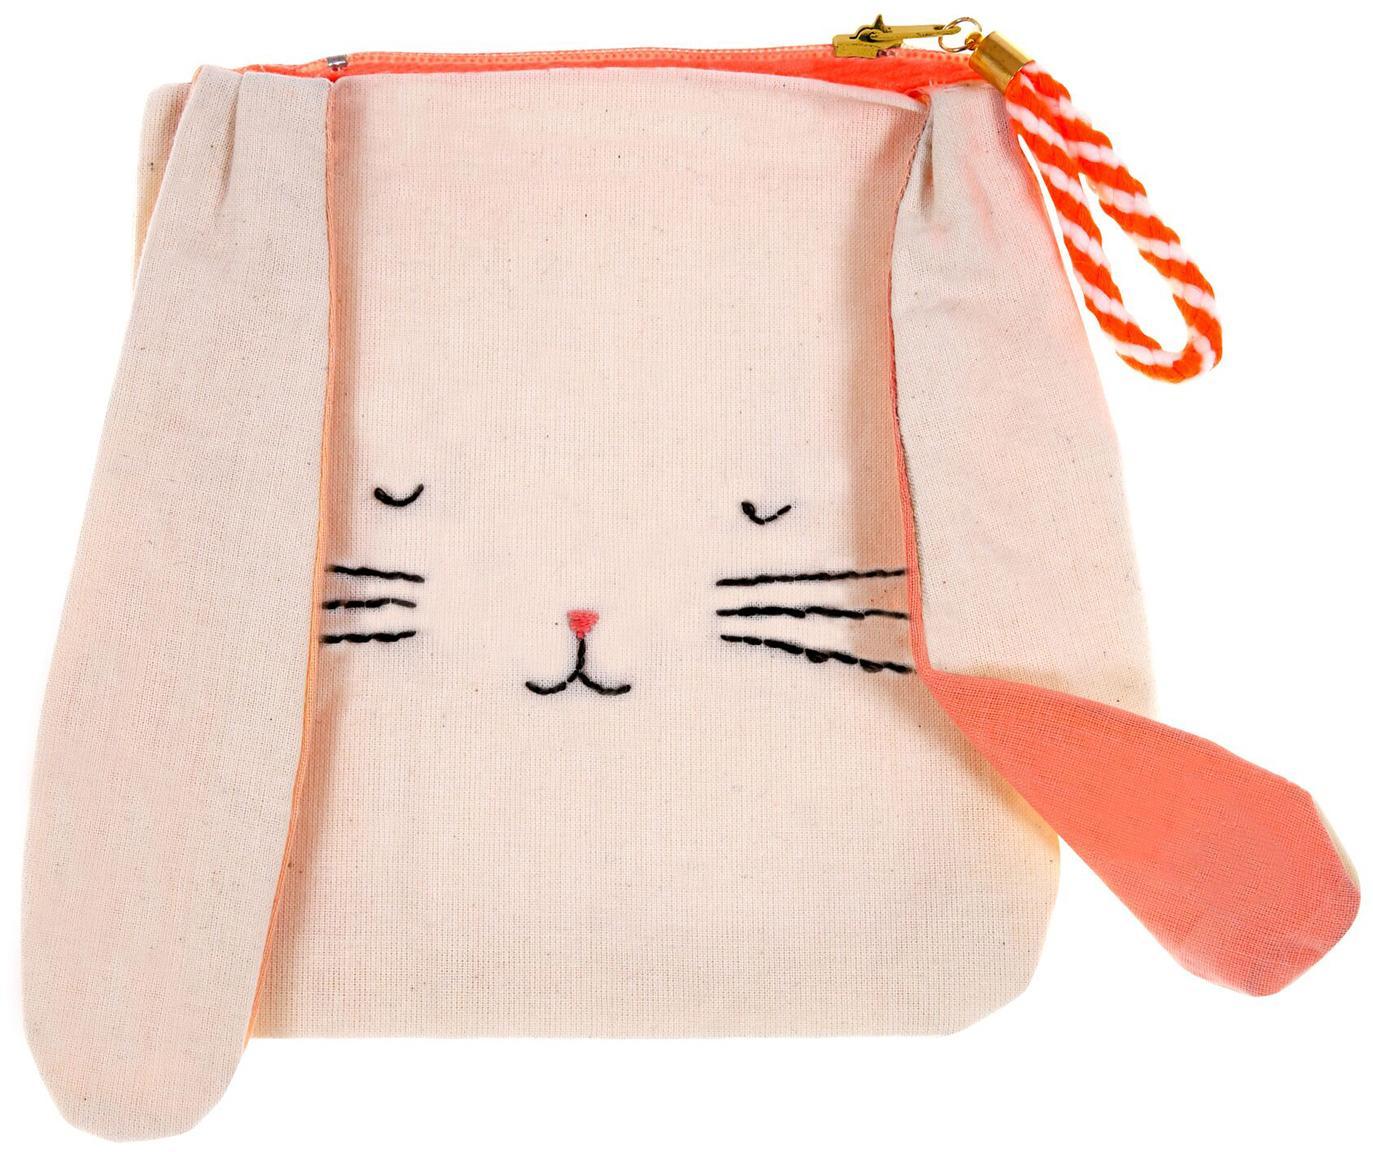 Portafoglio per bambini Bunny, Lino, Beige, arancione, nero, Larg. 13 x Alt. 15 cm